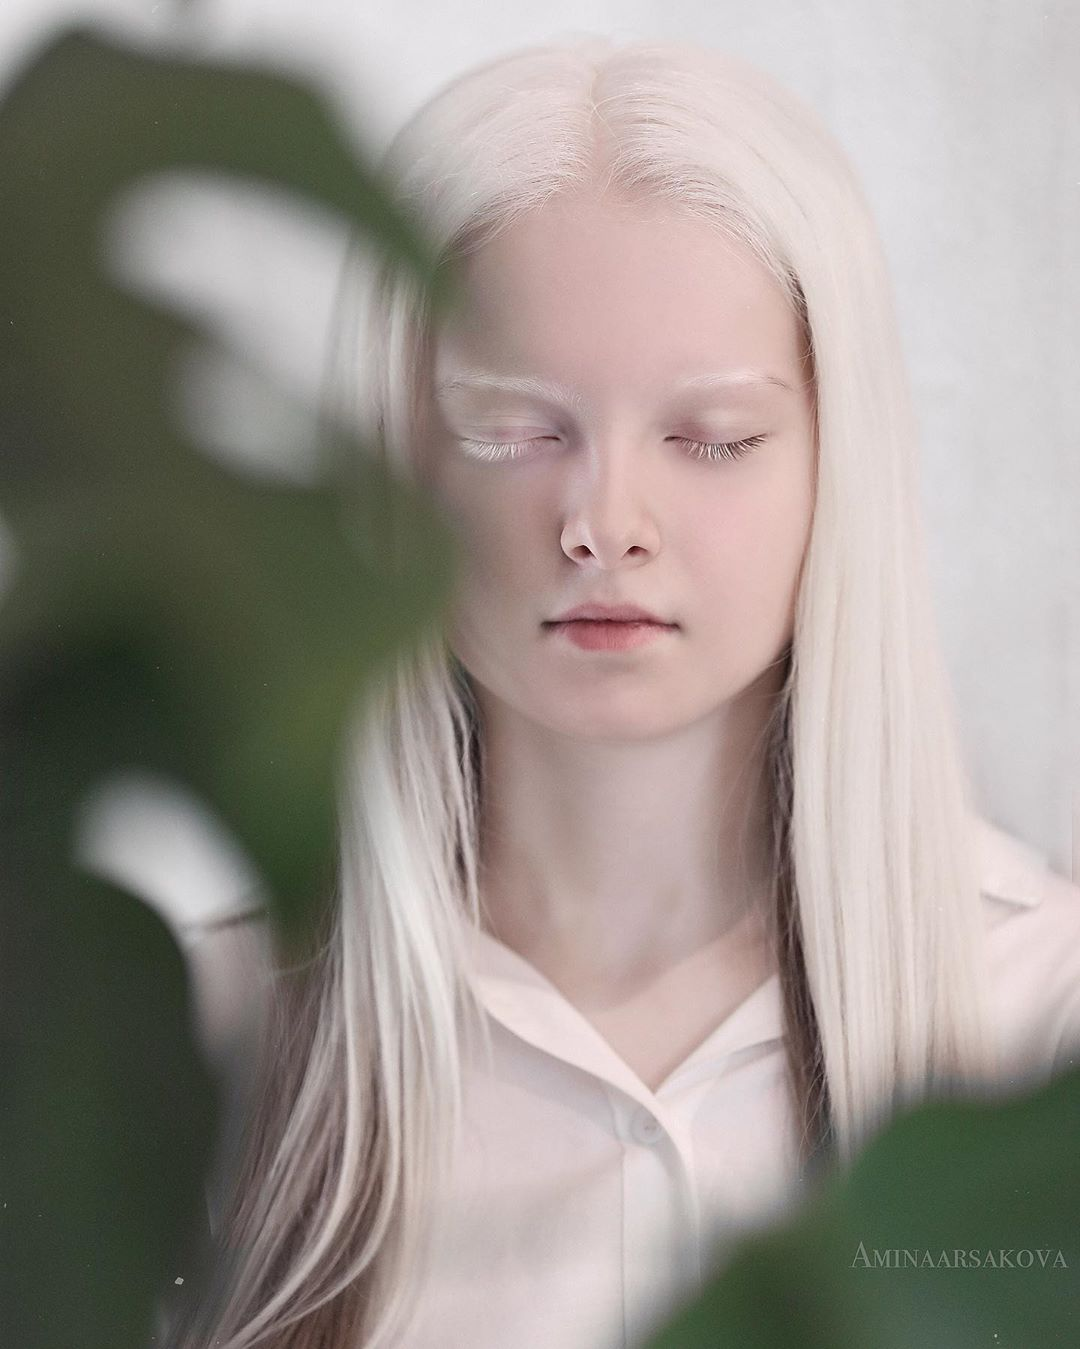 Garota chechena atordoa a Internet com sua beleza sobrenatural 06